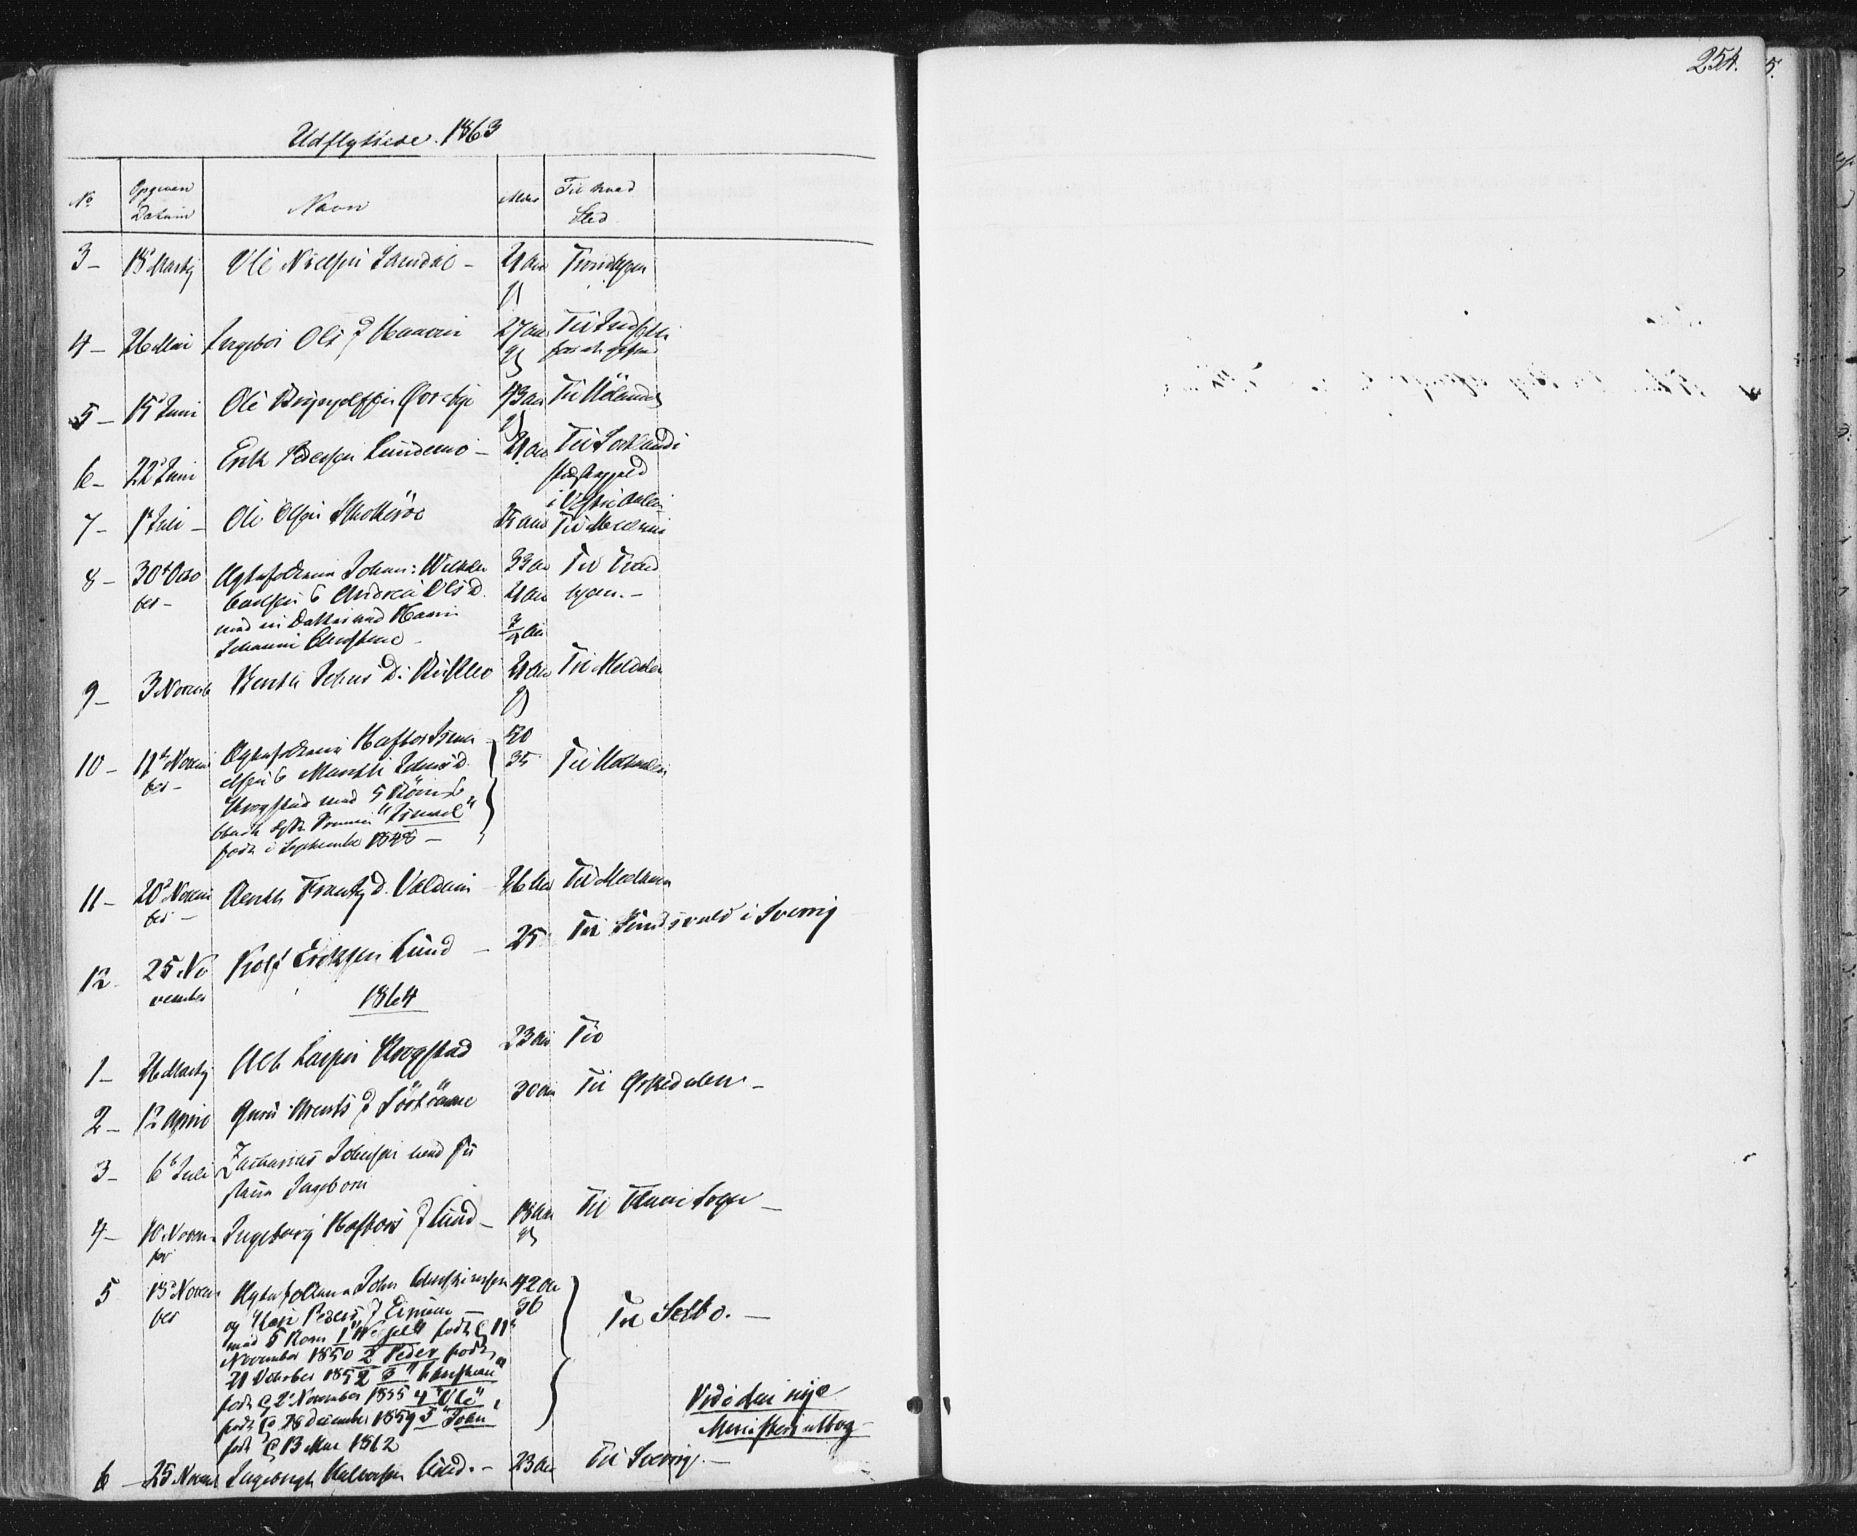 SAT, Ministerialprotokoller, klokkerbøker og fødselsregistre - Sør-Trøndelag, 692/L1103: Ministerialbok nr. 692A03, 1849-1870, s. 254